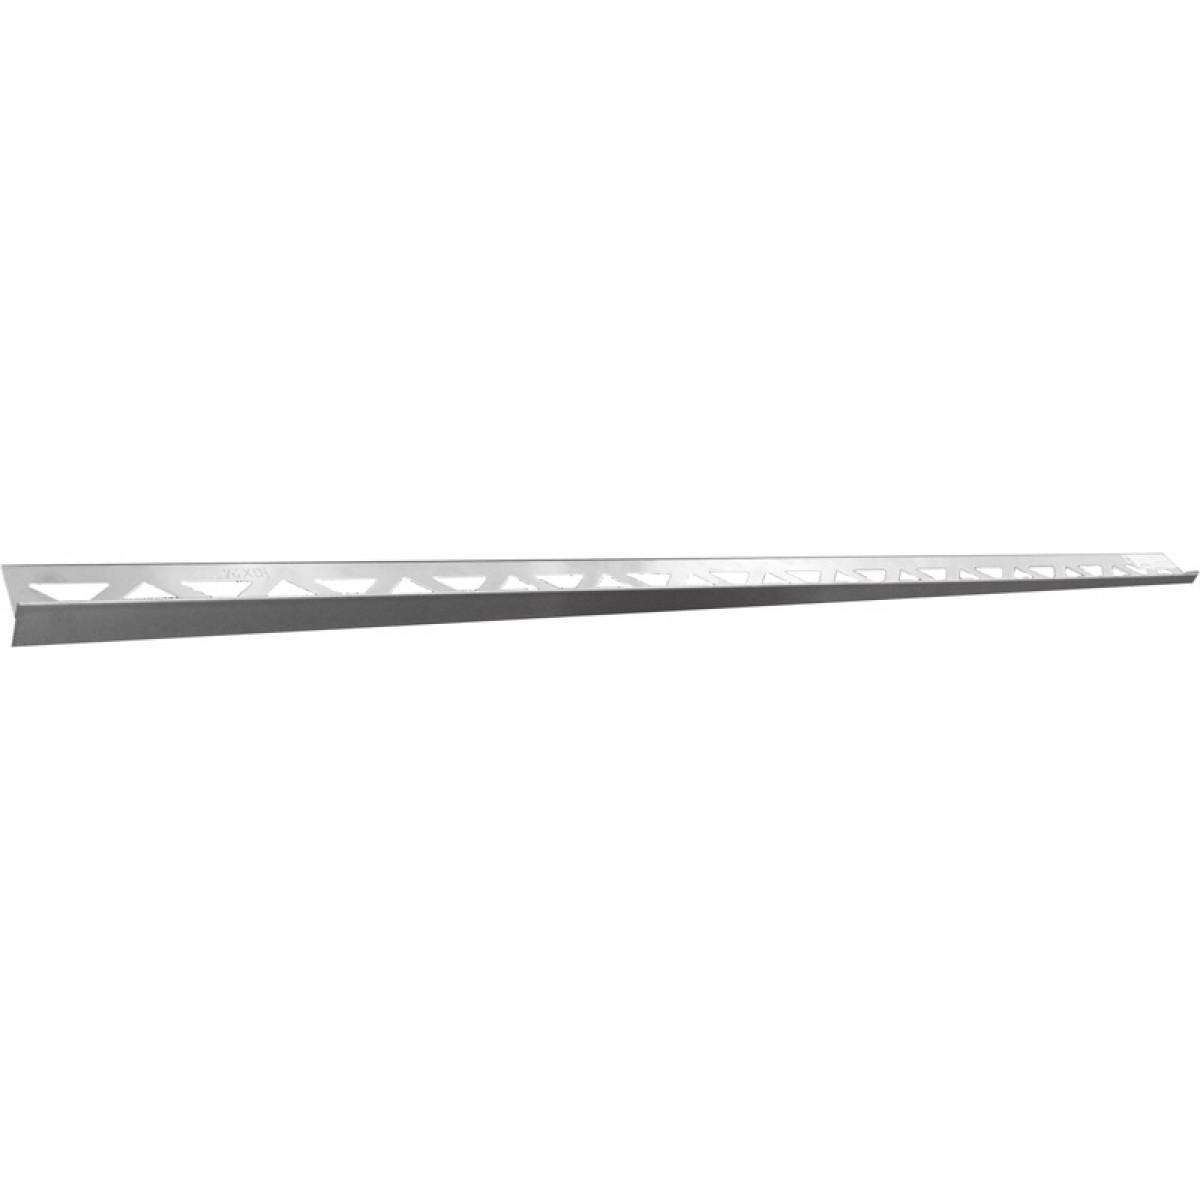 Edelstahl-Duschprofil mit Gefälle RECHTS FE-DP 200-11-40  -  11 mm / 200 cm Länge